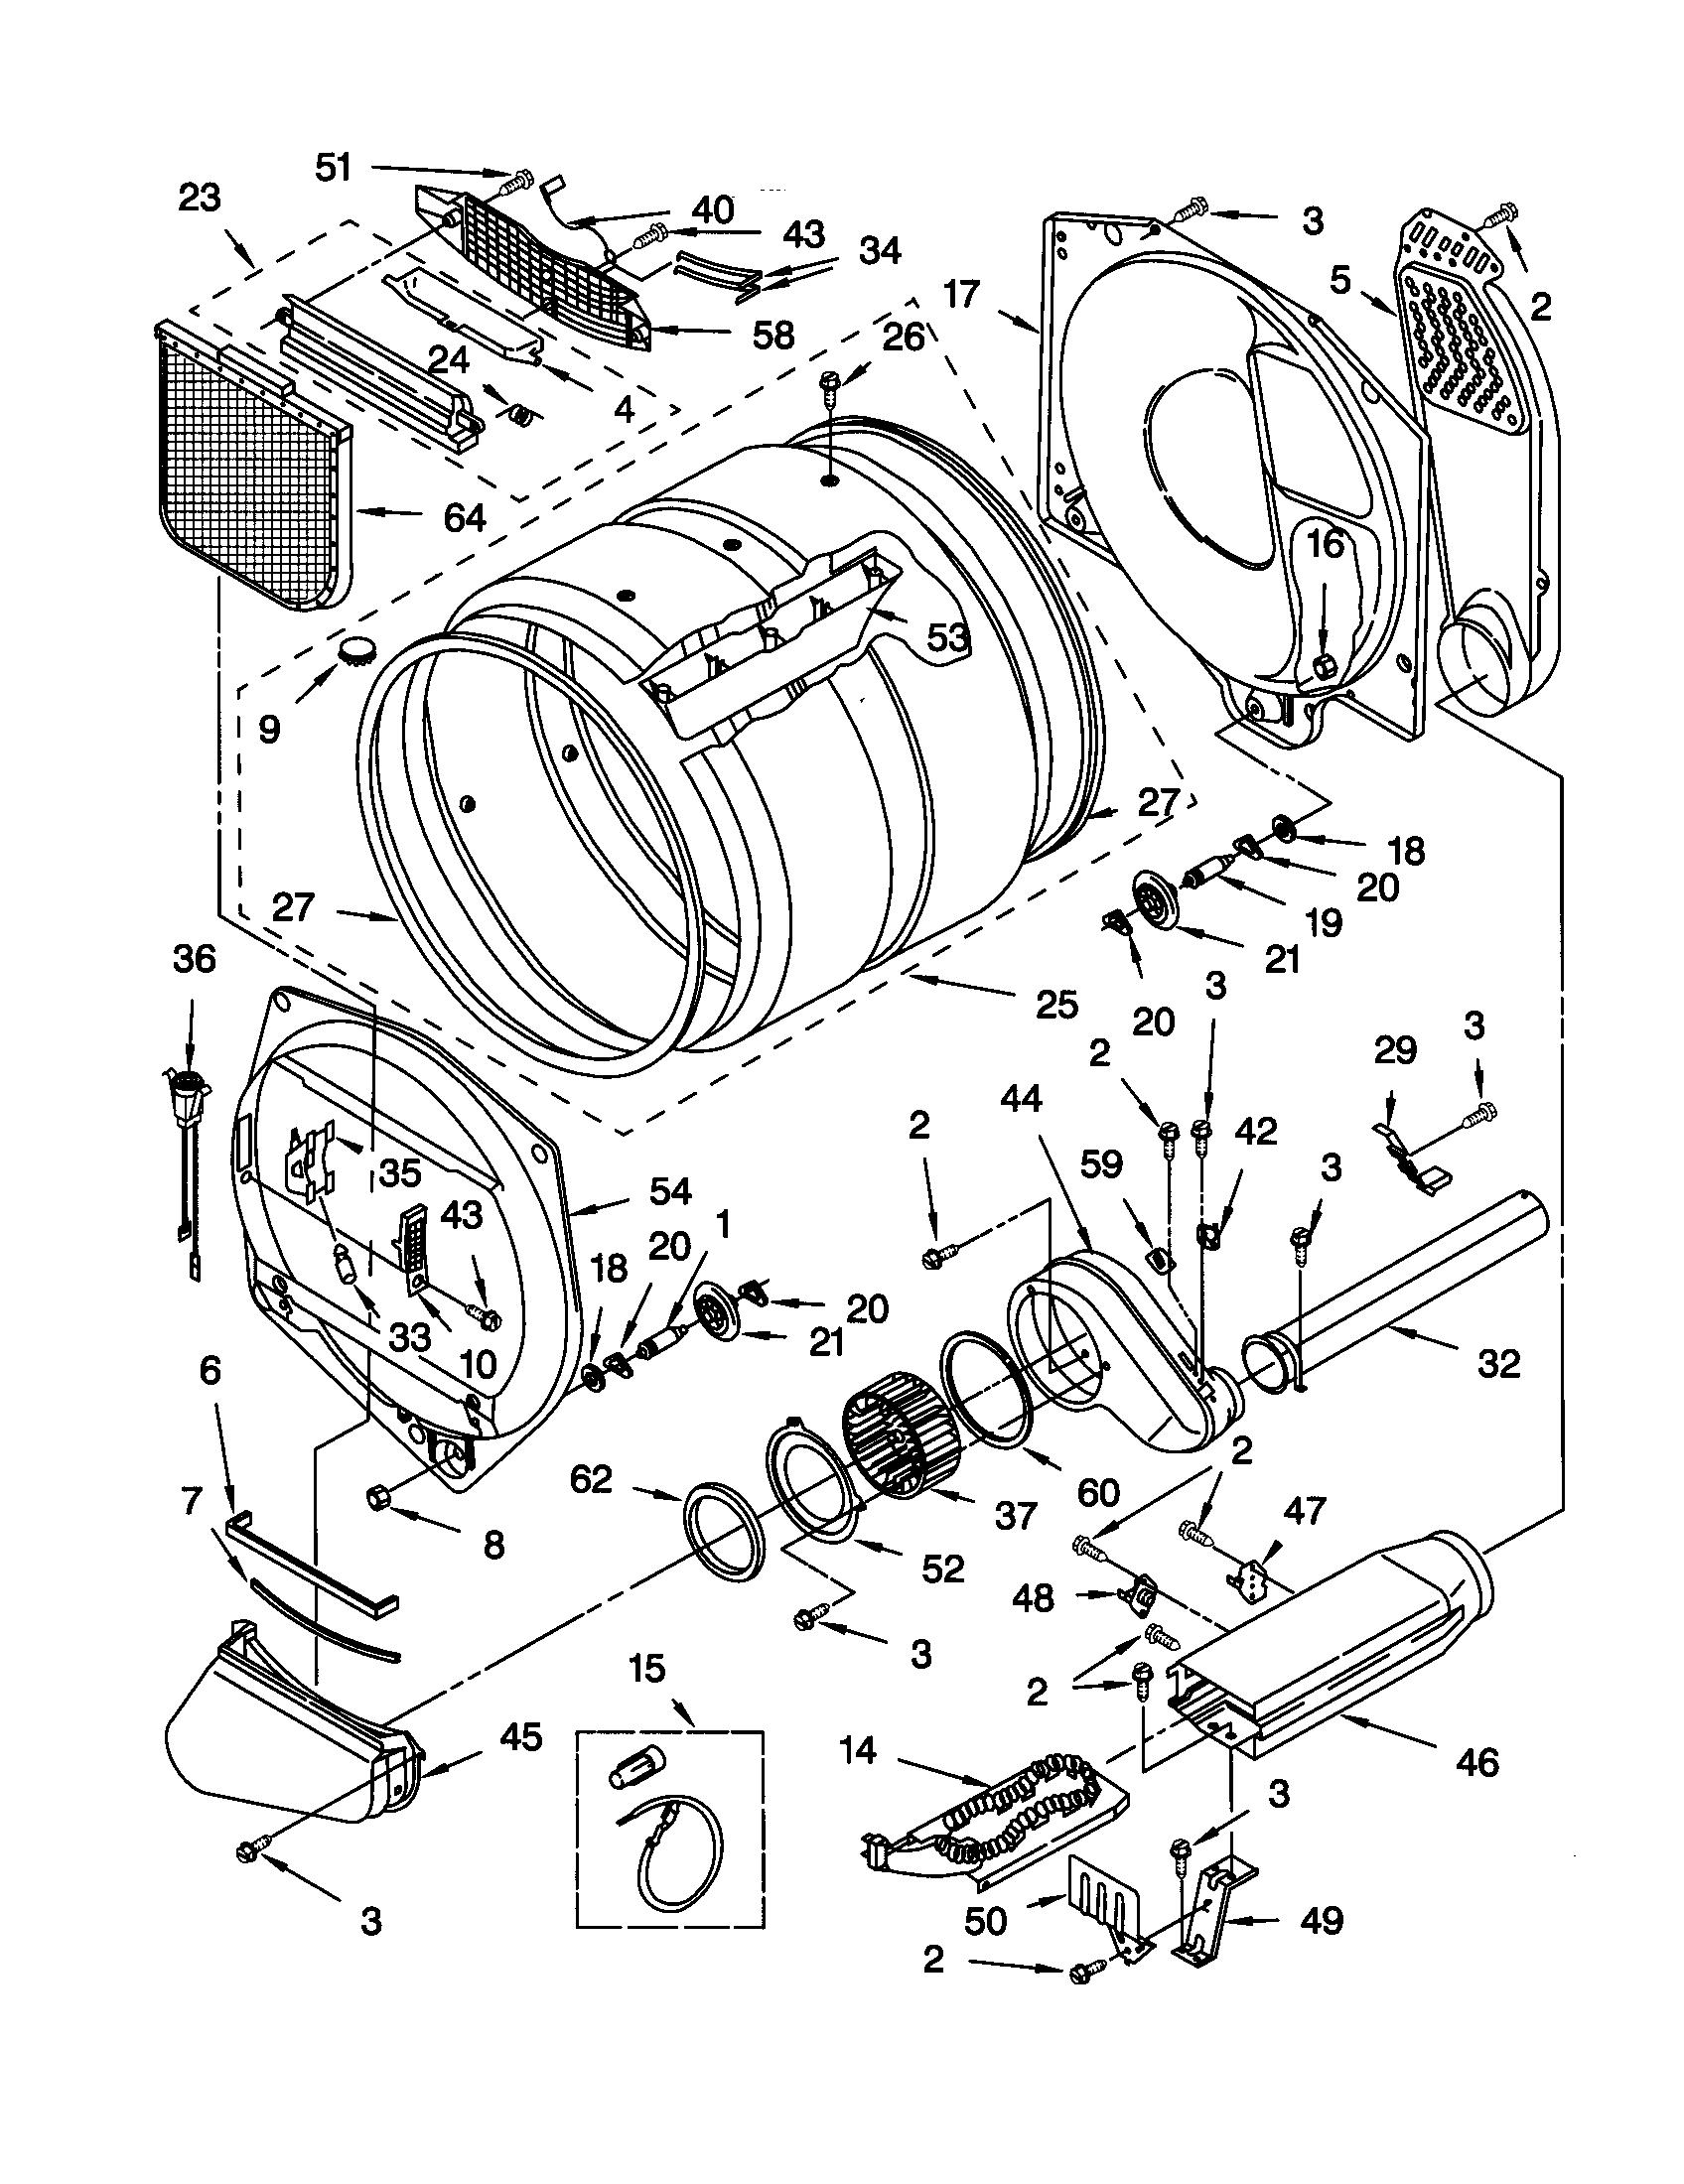 kenmore elite dryer heating element wiring diagram